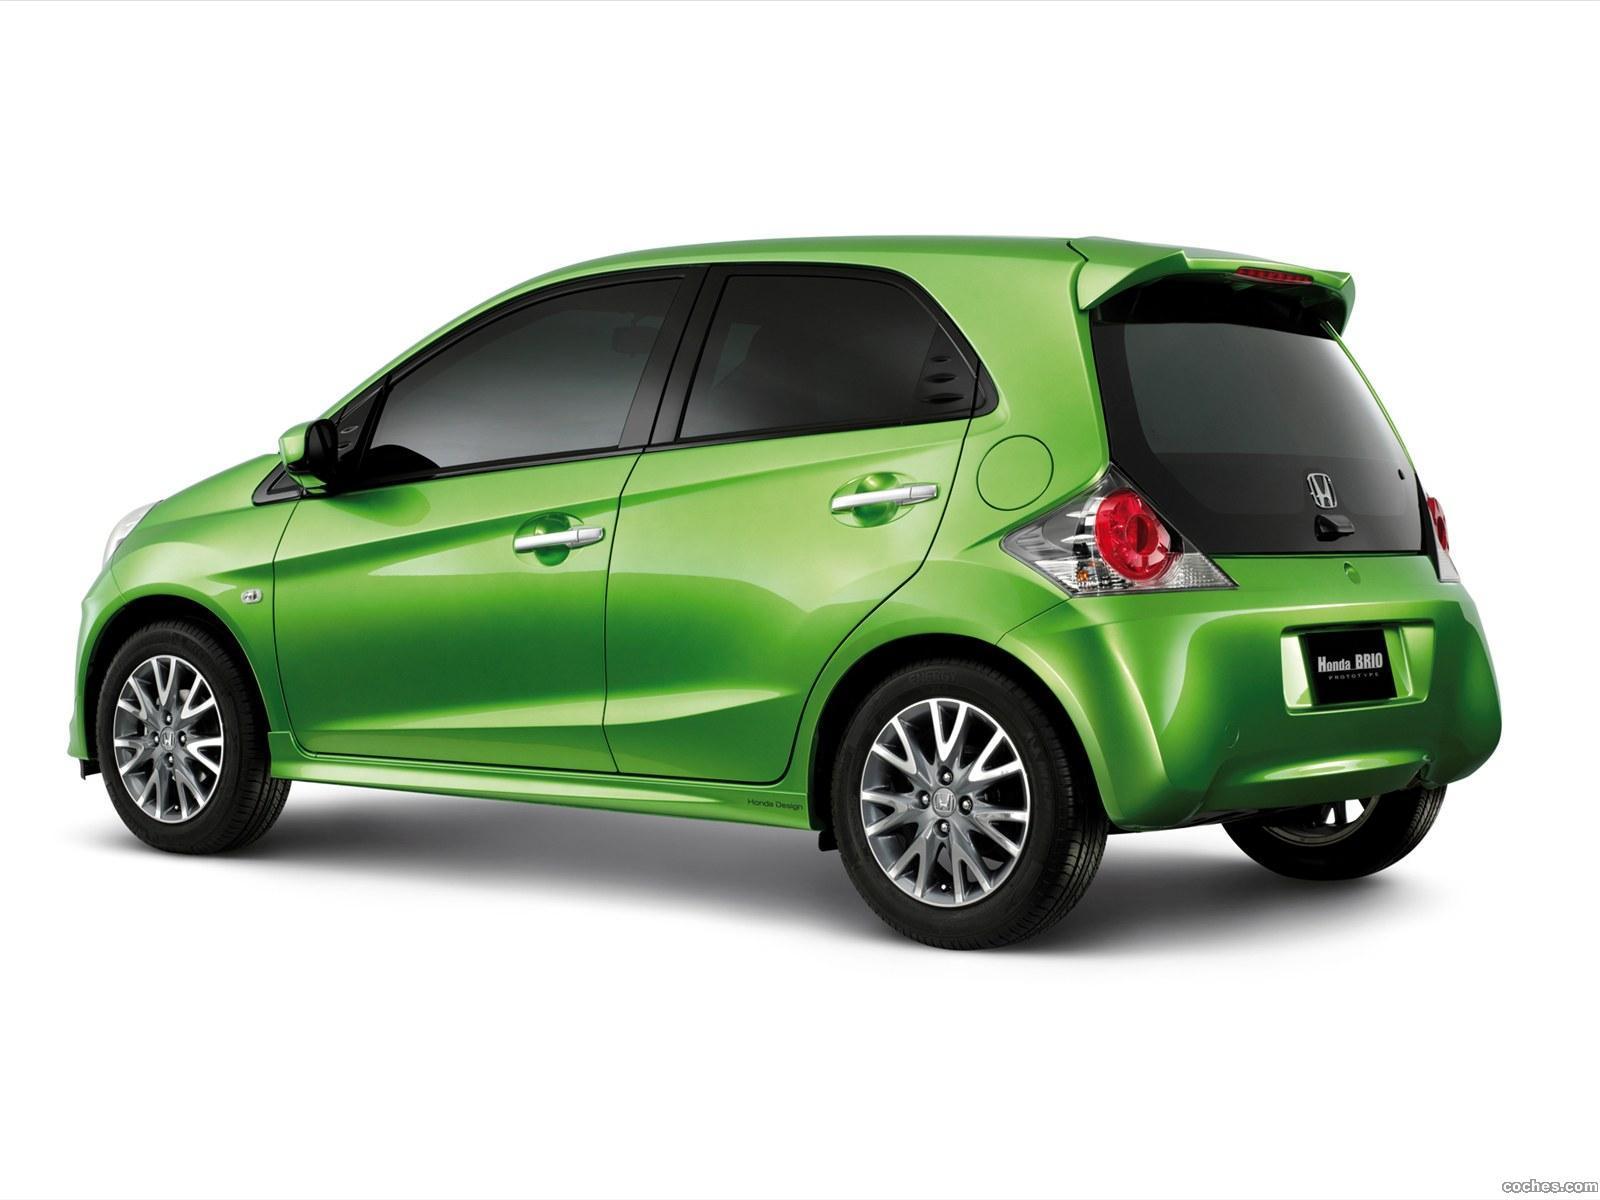 Foto 3 de Honda Brio Concept 2010